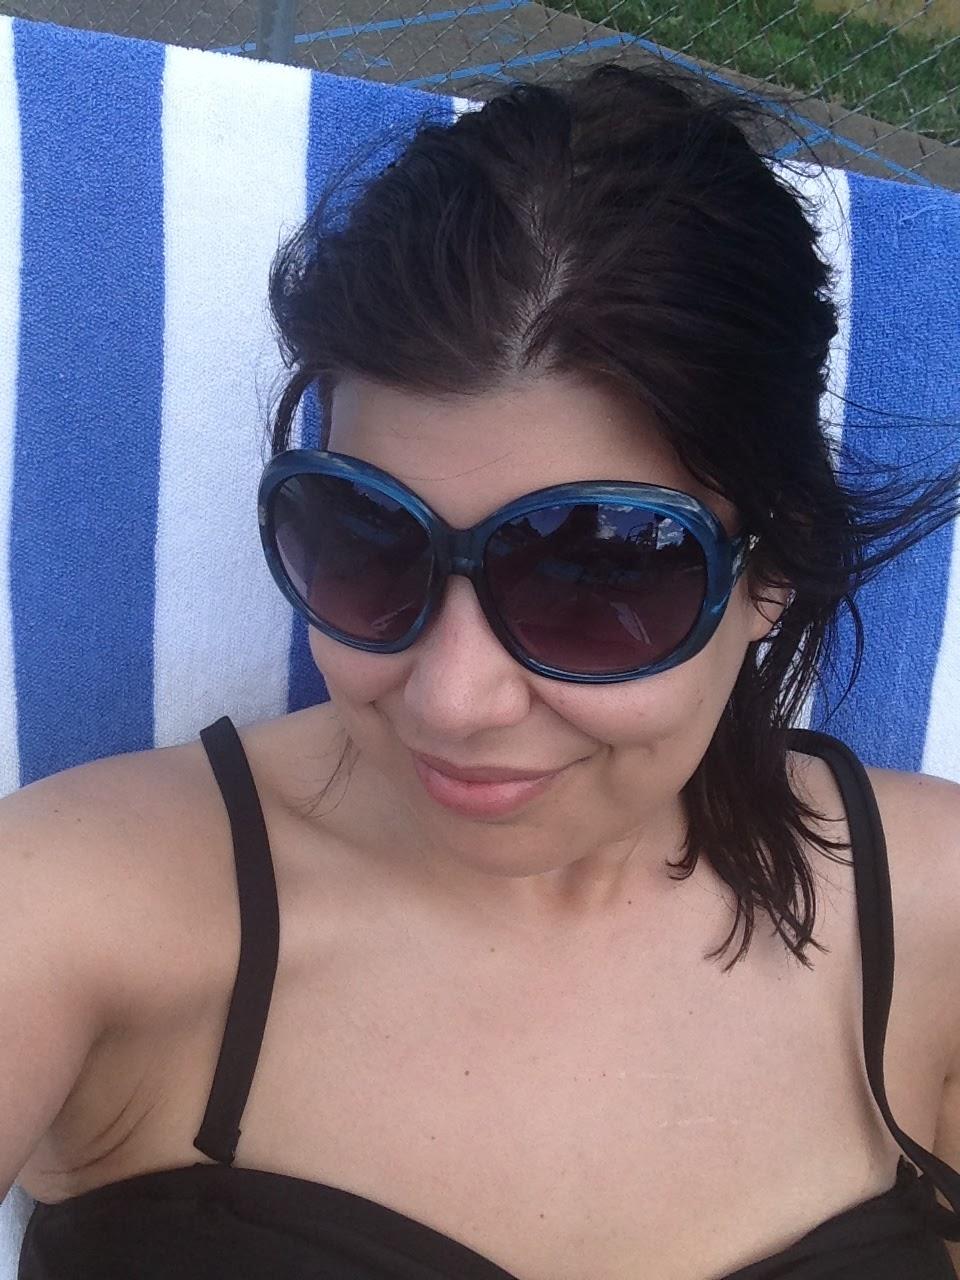 Former Fat Girl Blog